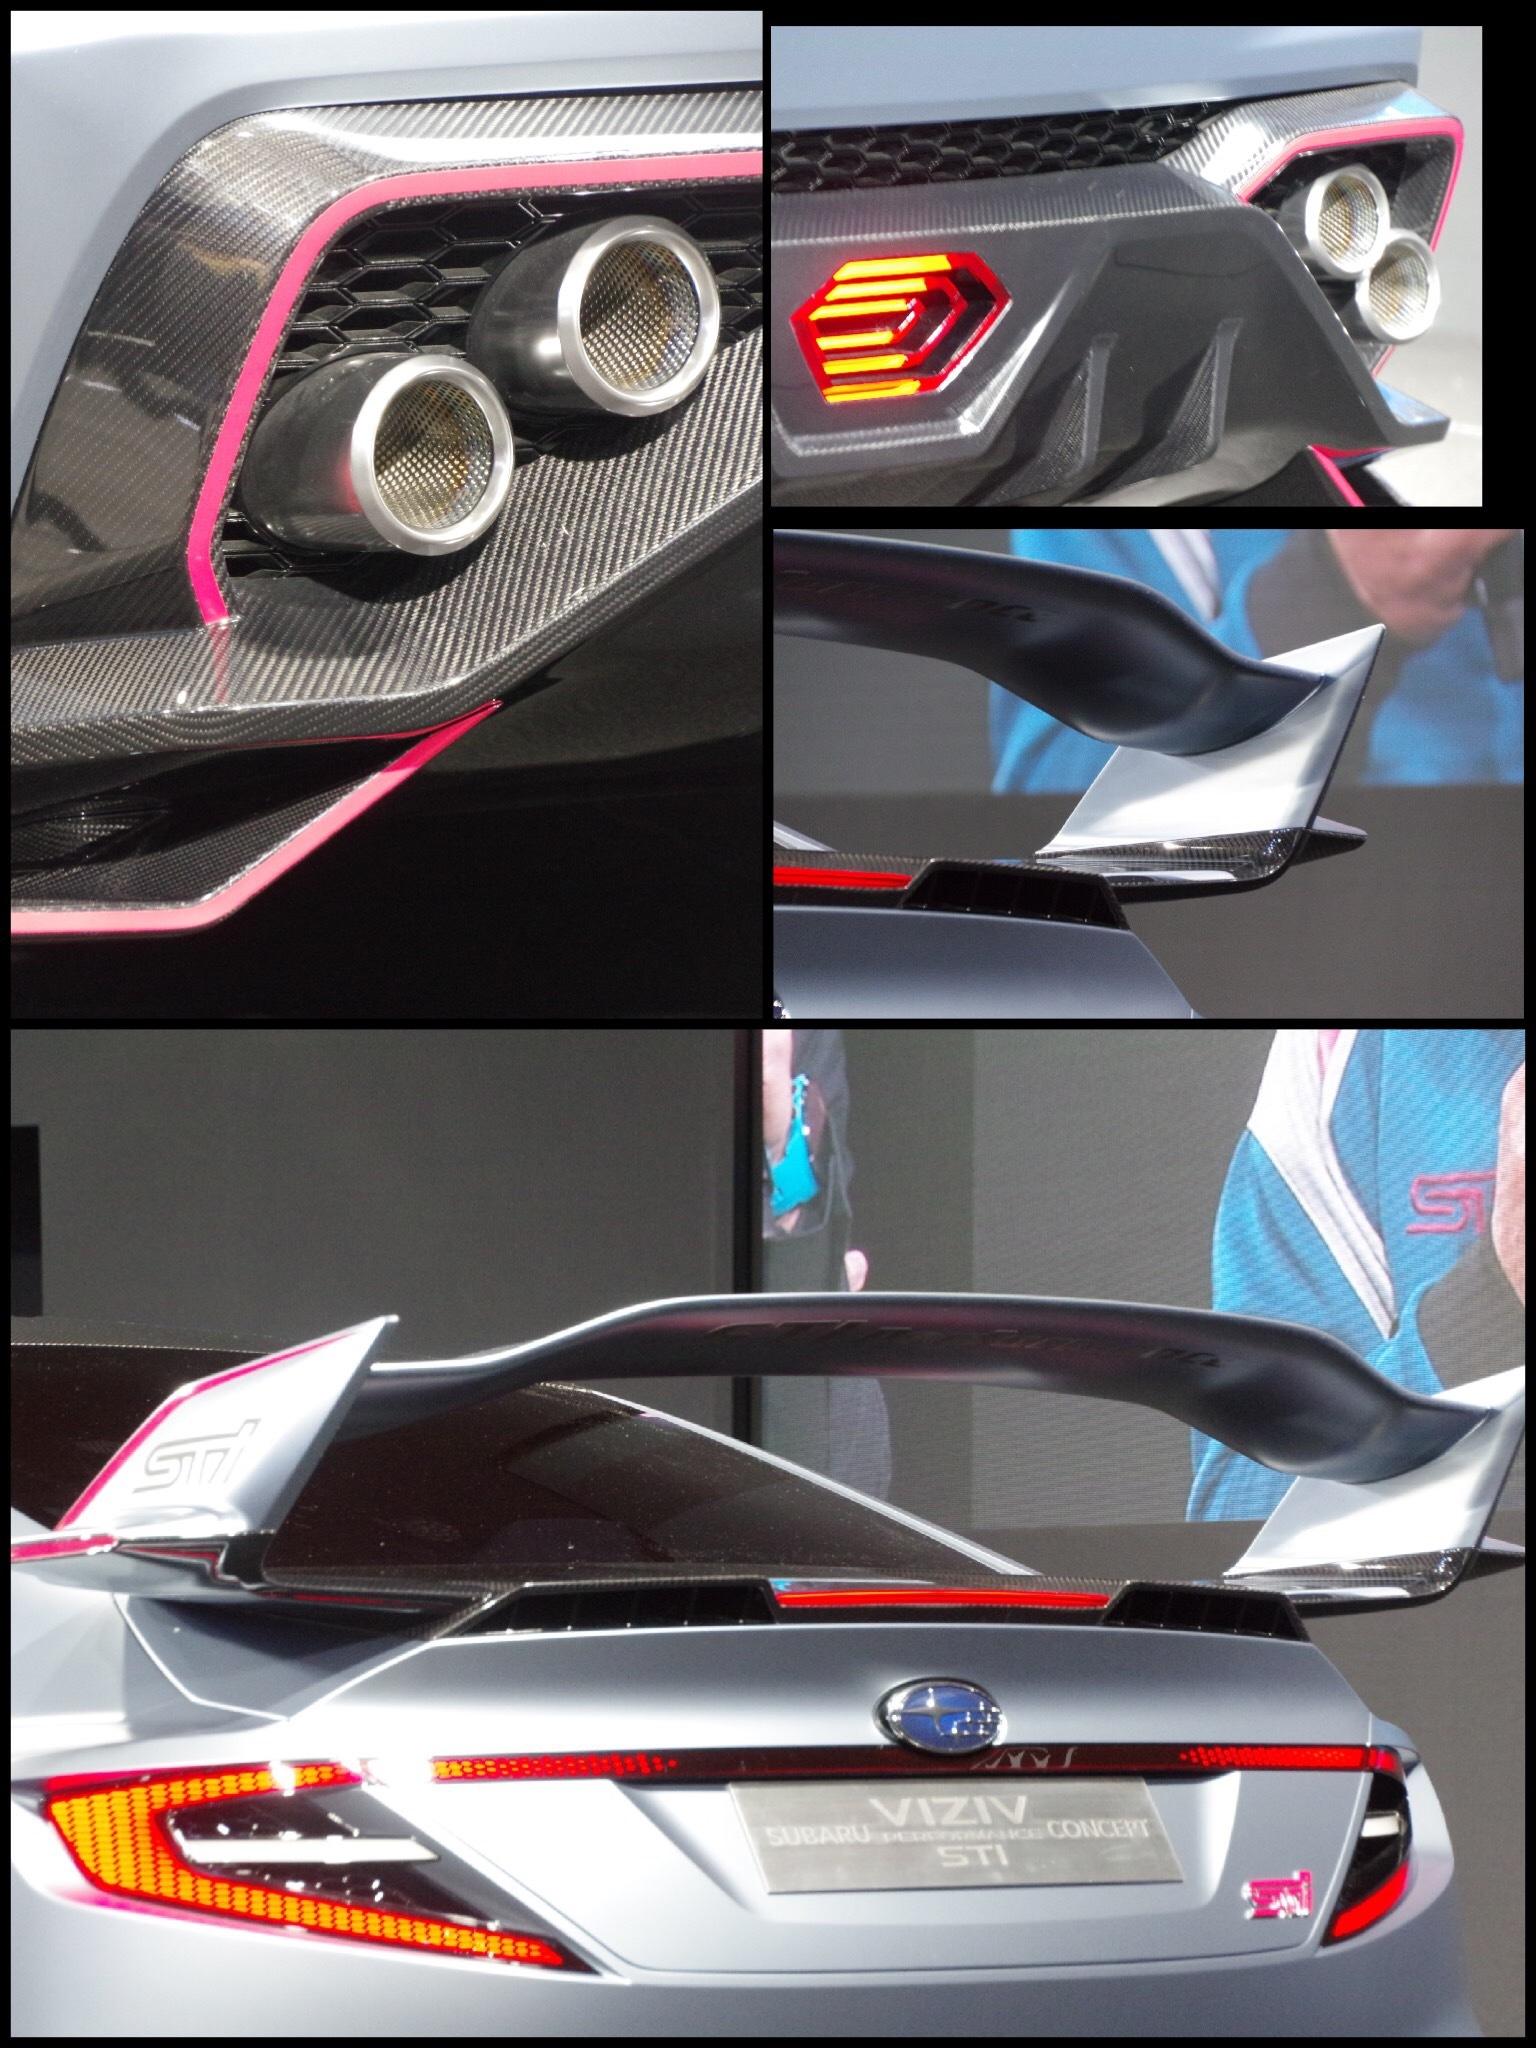 東京オートサロン2018 スバルブース VIZIV STIコンセプト